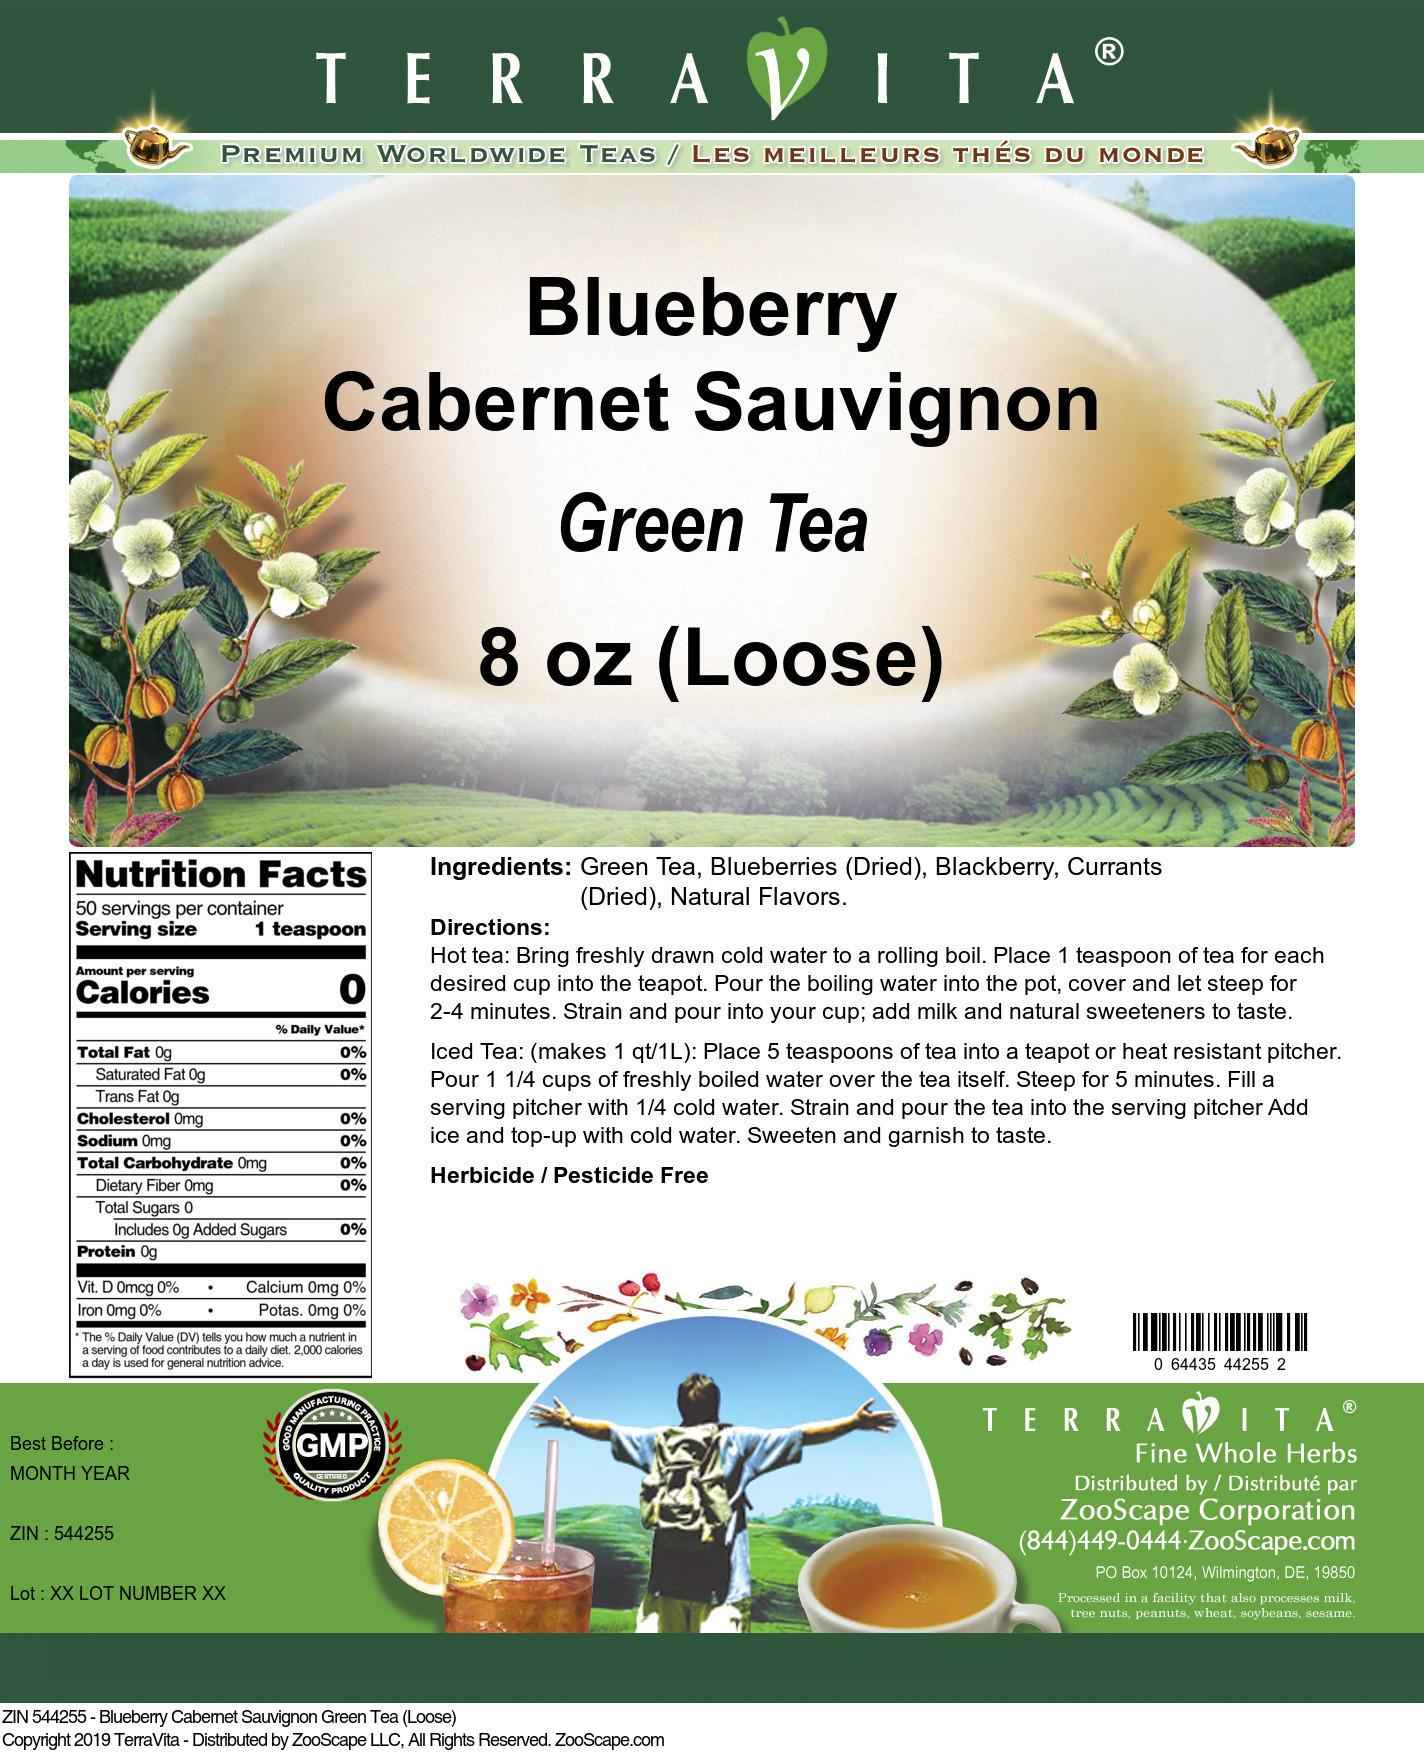 Blueberry Cabernet Sauvignon Green Tea (Loose)